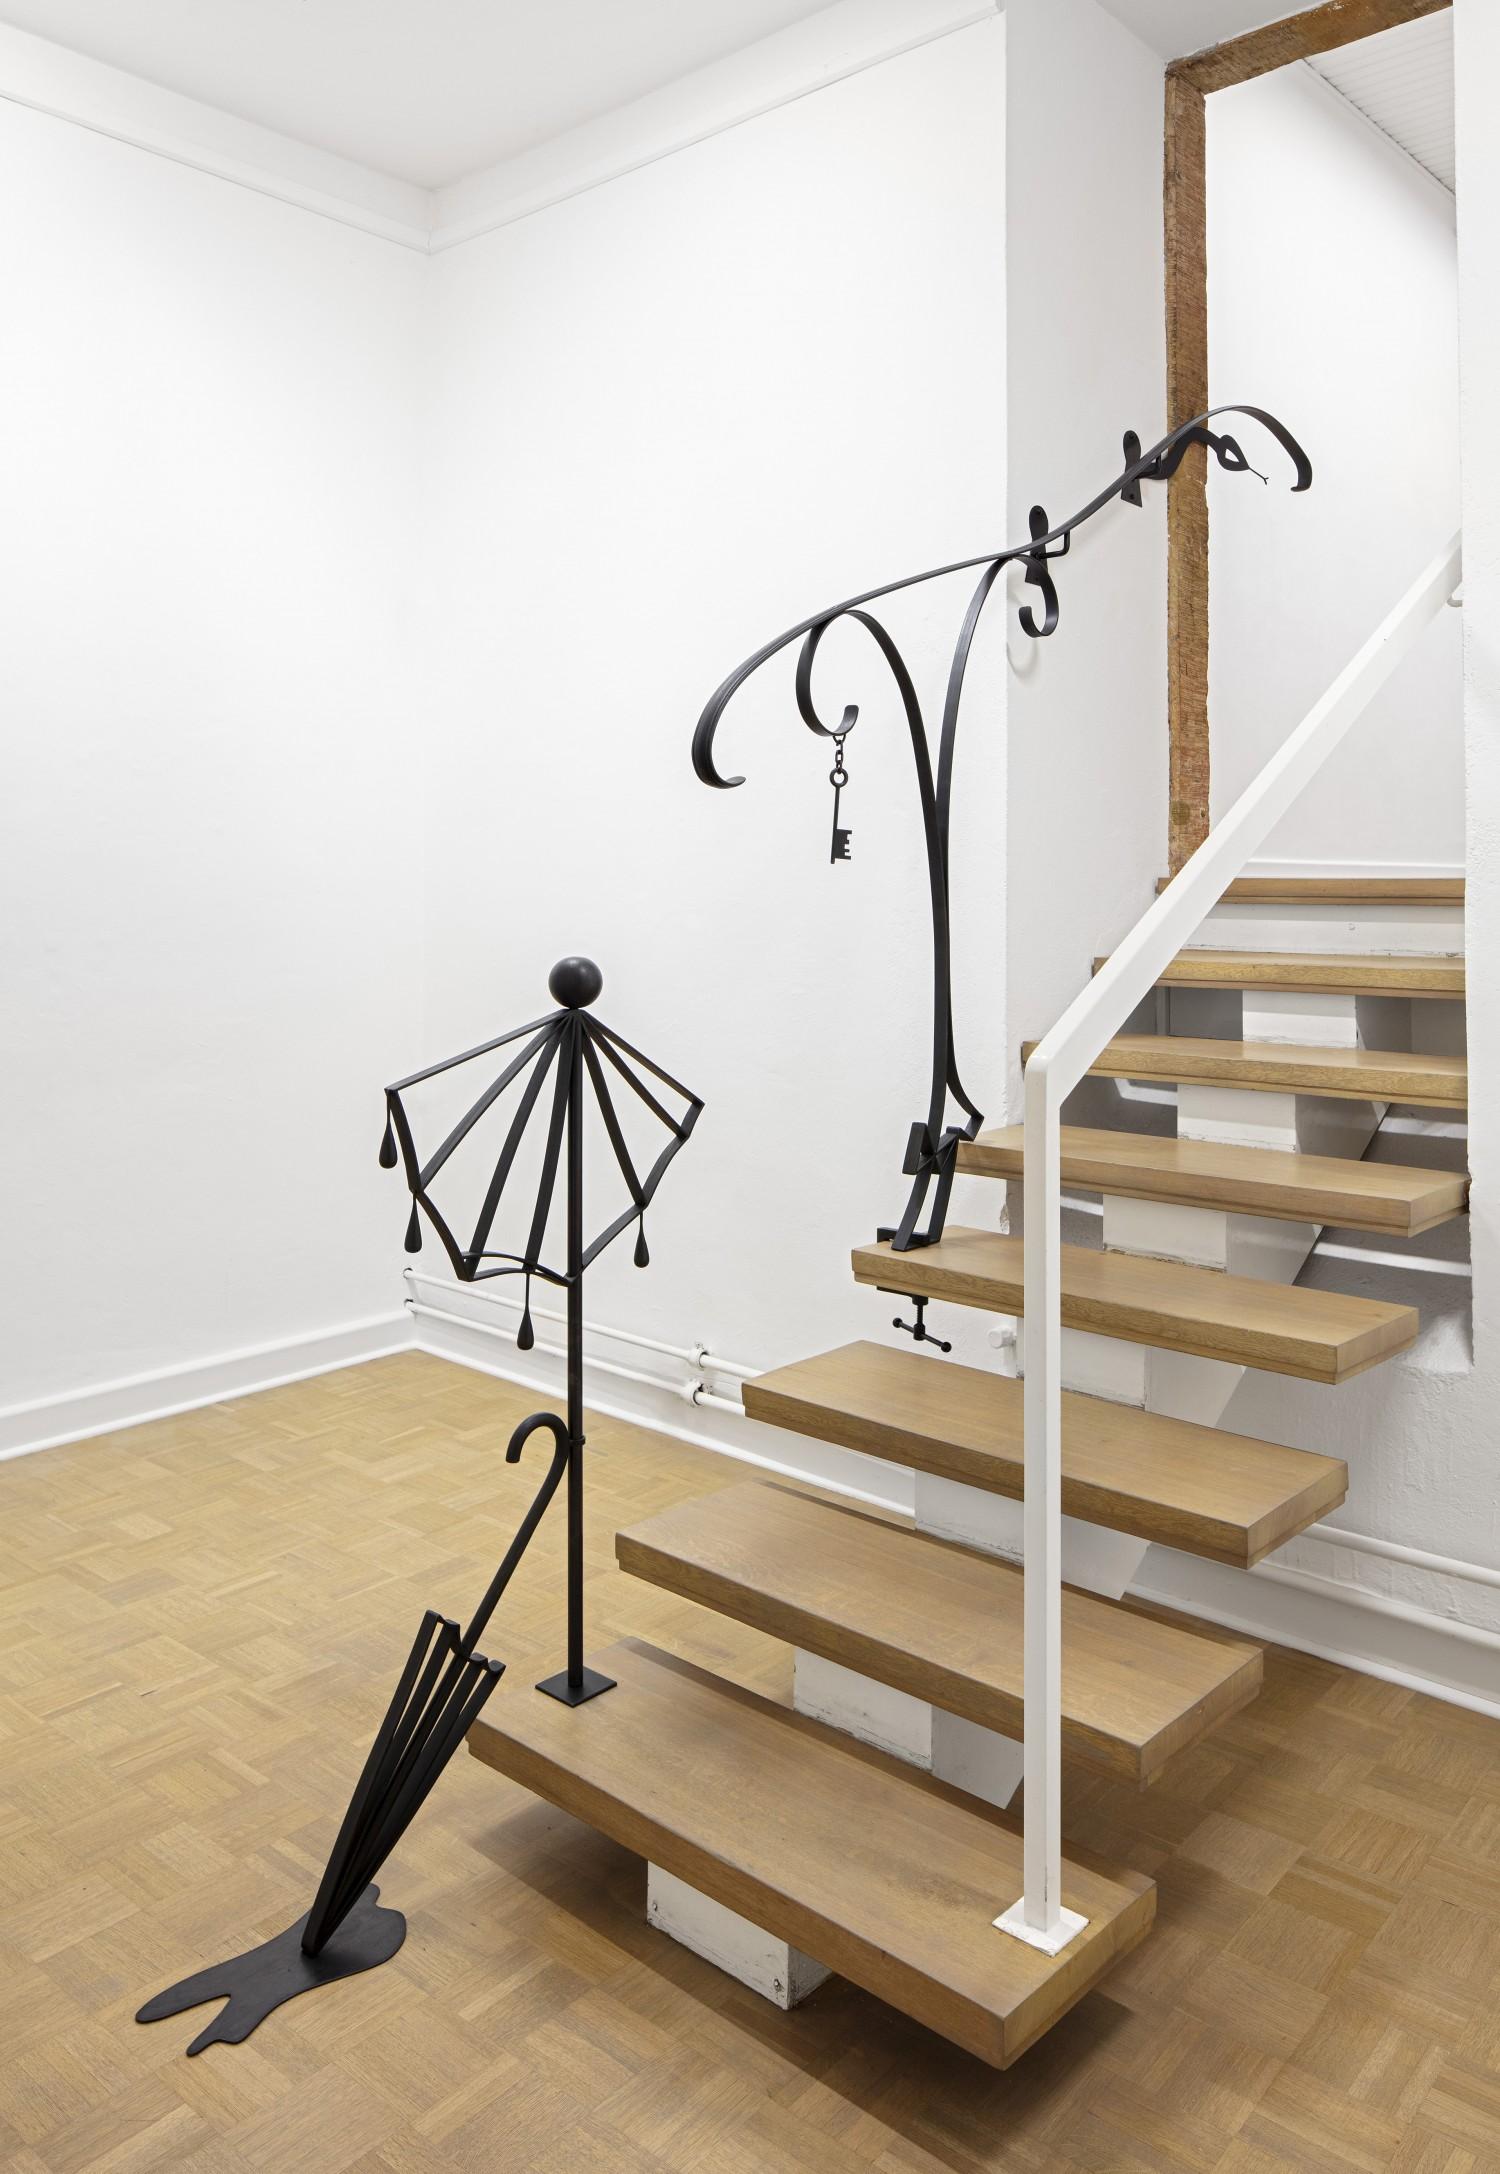 """Zwei Objekte der vierteiligen Werkreihe """"Ballustrade"""" von Julie Béna aus dem Jahr 2020, die aus schwarz beschichtetem Stahl bestehen. Die Objekte sind zum Teil auf der Treppe und zum Teil im Raum platziert. Den Objekten kommt Autonomie und Funktion gleichermaßen zu, sie sind Bild und tatsächlich Balustrade zugleich."""